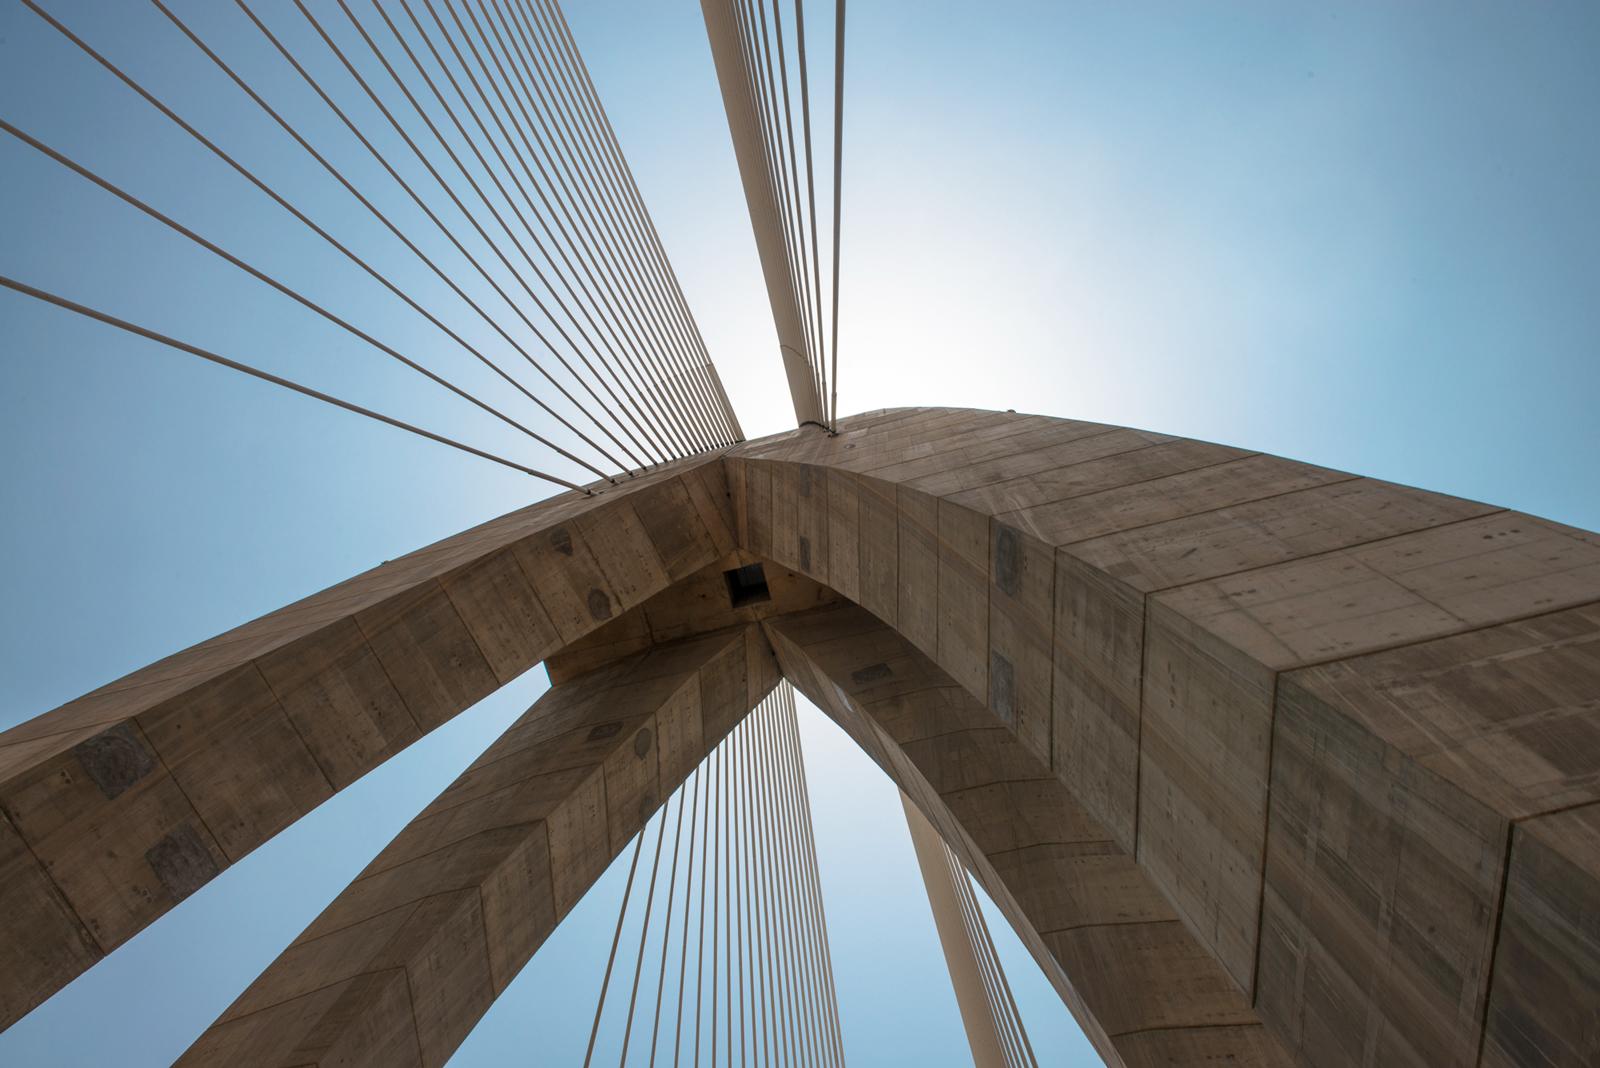 Le maroc se dote de son premier pont hauban l un des plus longs d afrique - Premier pont a haubans ...